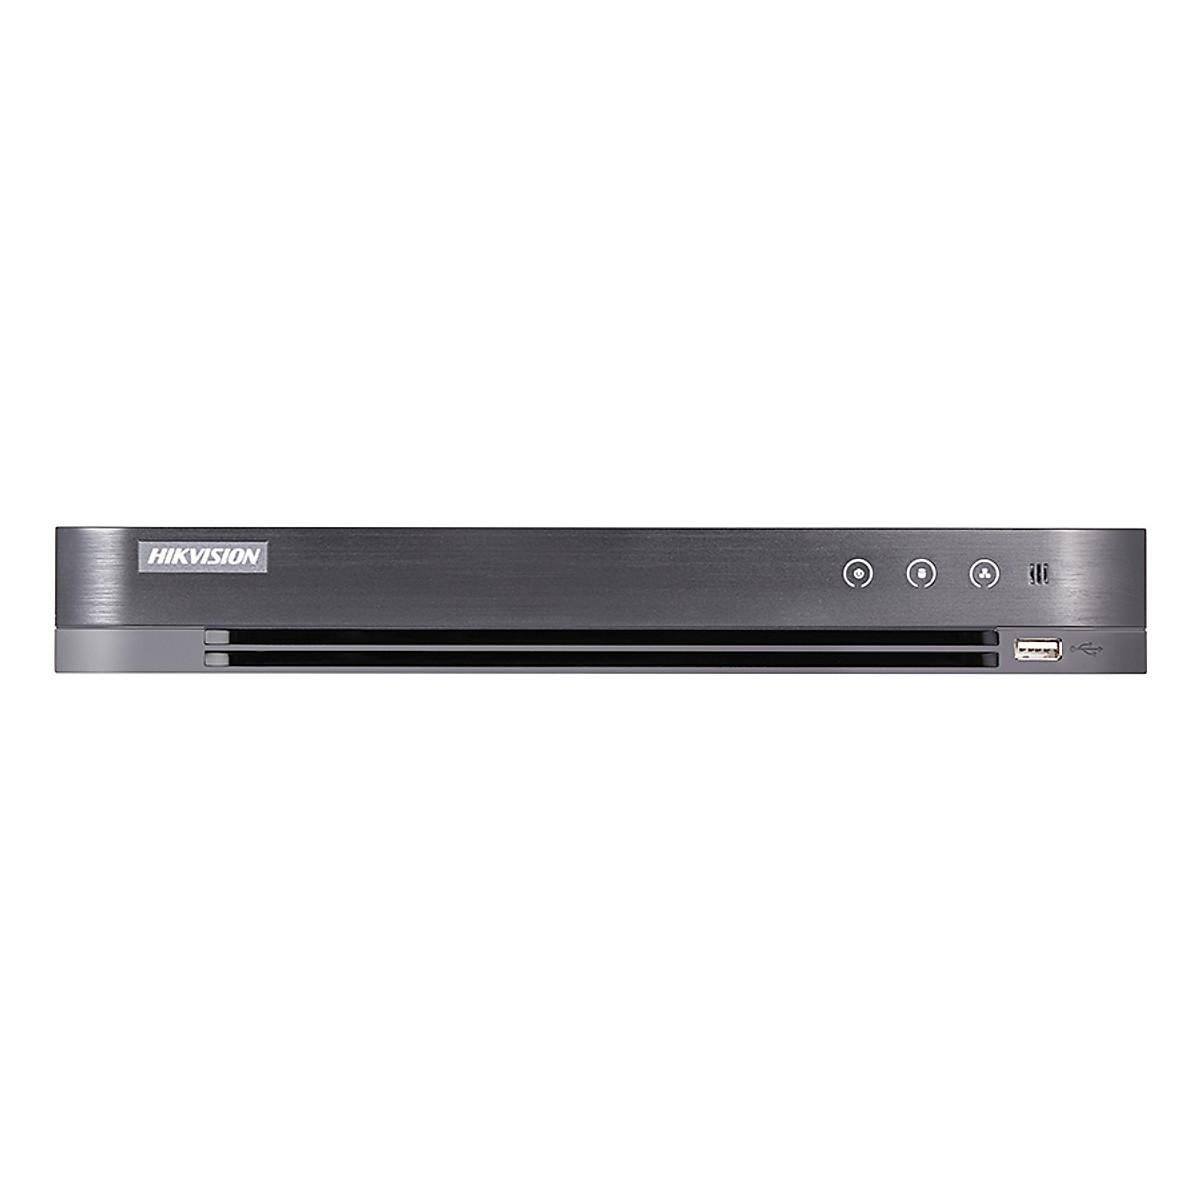 Đầu Ghi Hình Hikvision 4 Kênh HD-TVI 2.0 Mega Pixel/3.0 Mega Pixel DS-7204HQHI-K1 – Hàng Nhập Khẩu